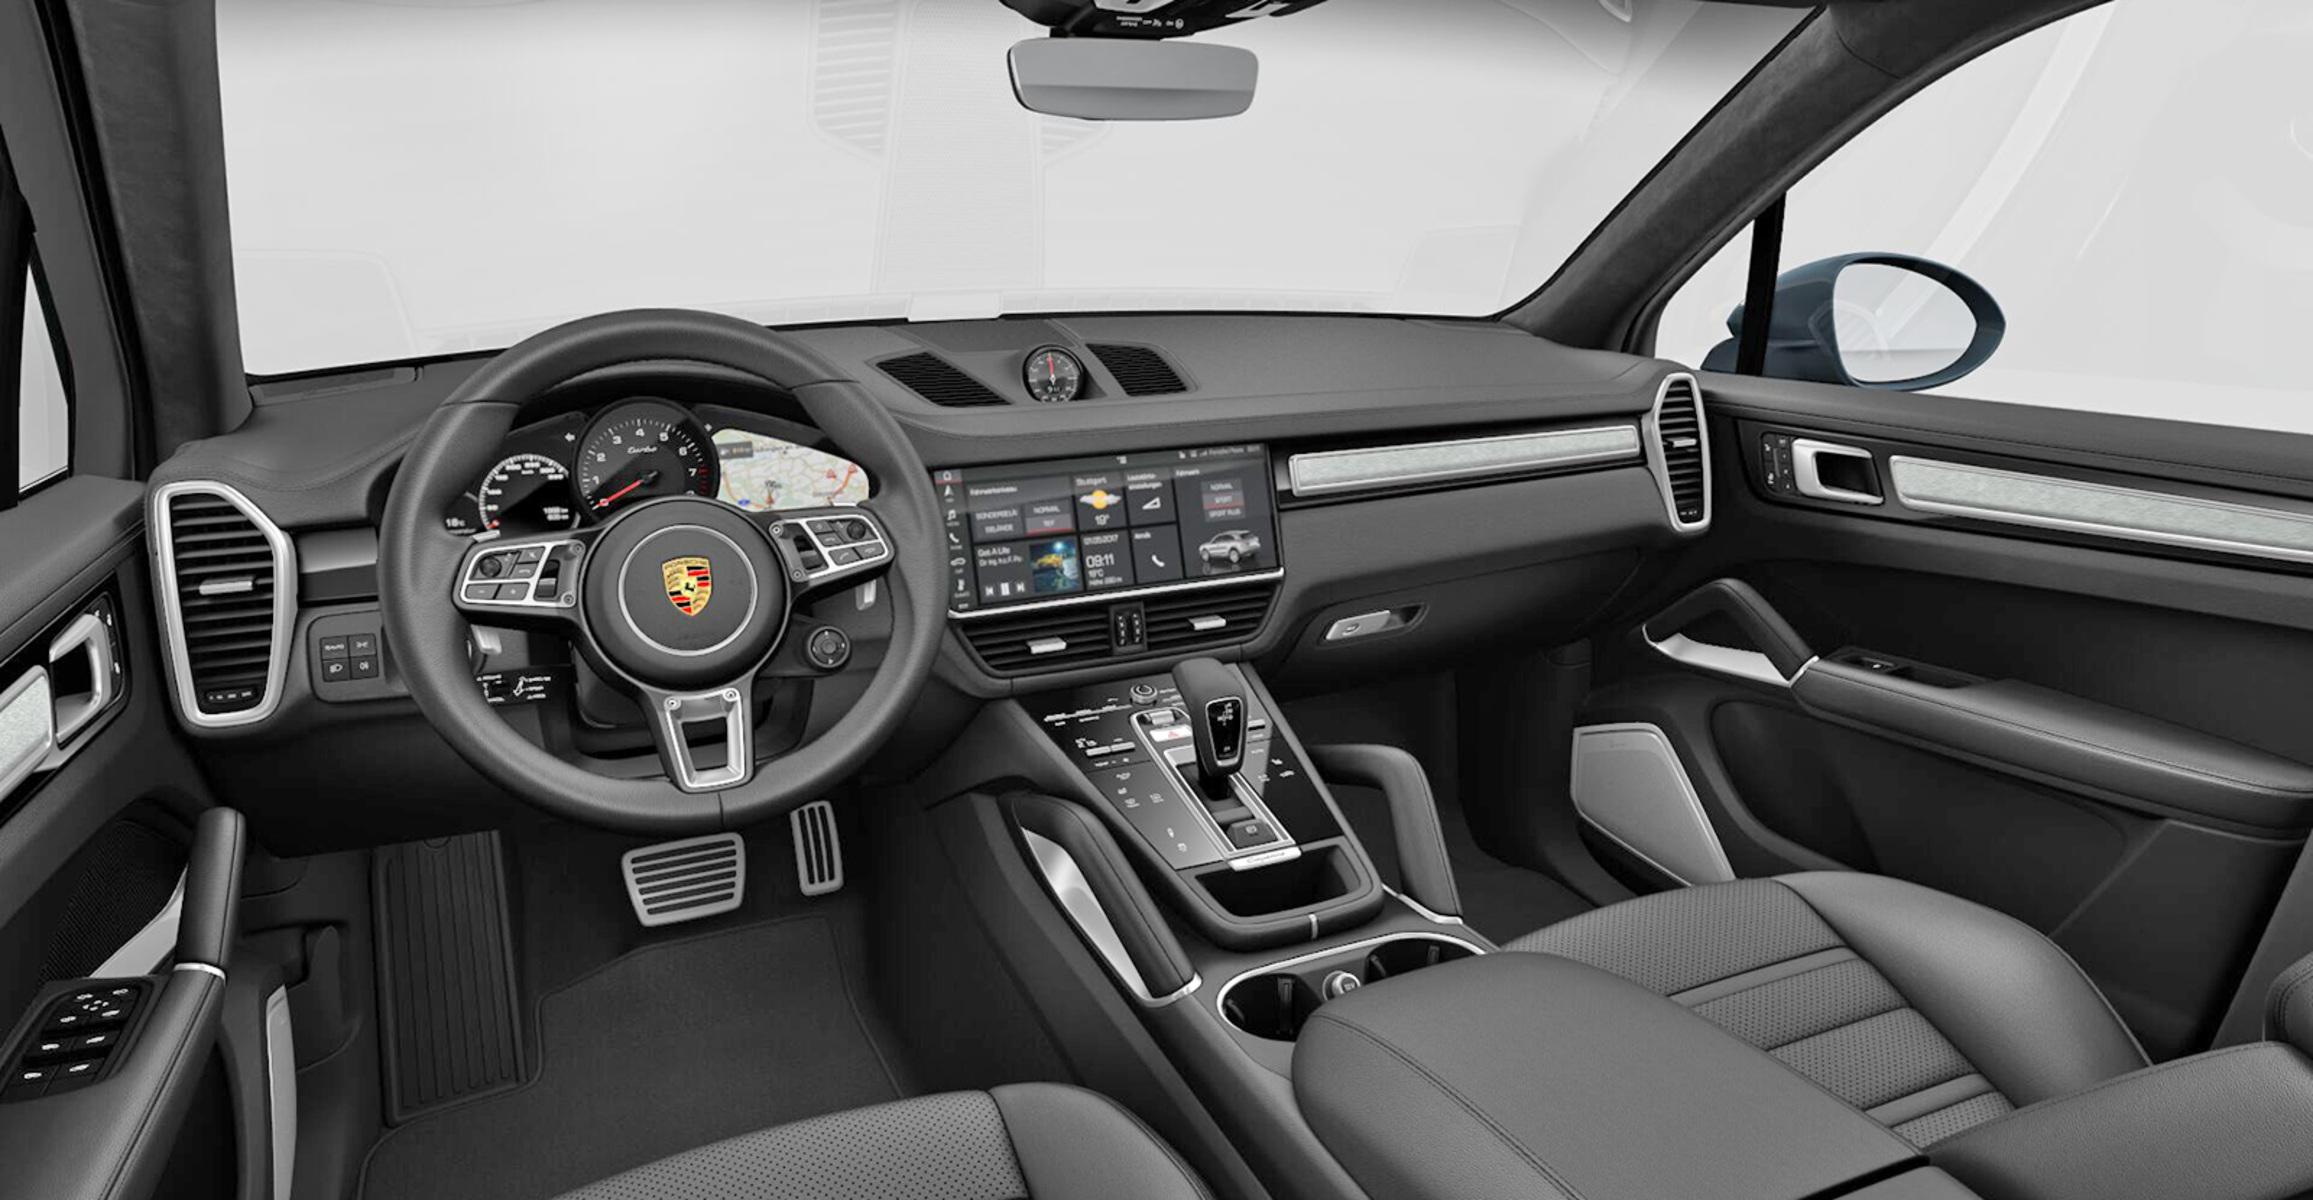 Listino Porsche Cayenne Prezzo Scheda Tecnica Consumi